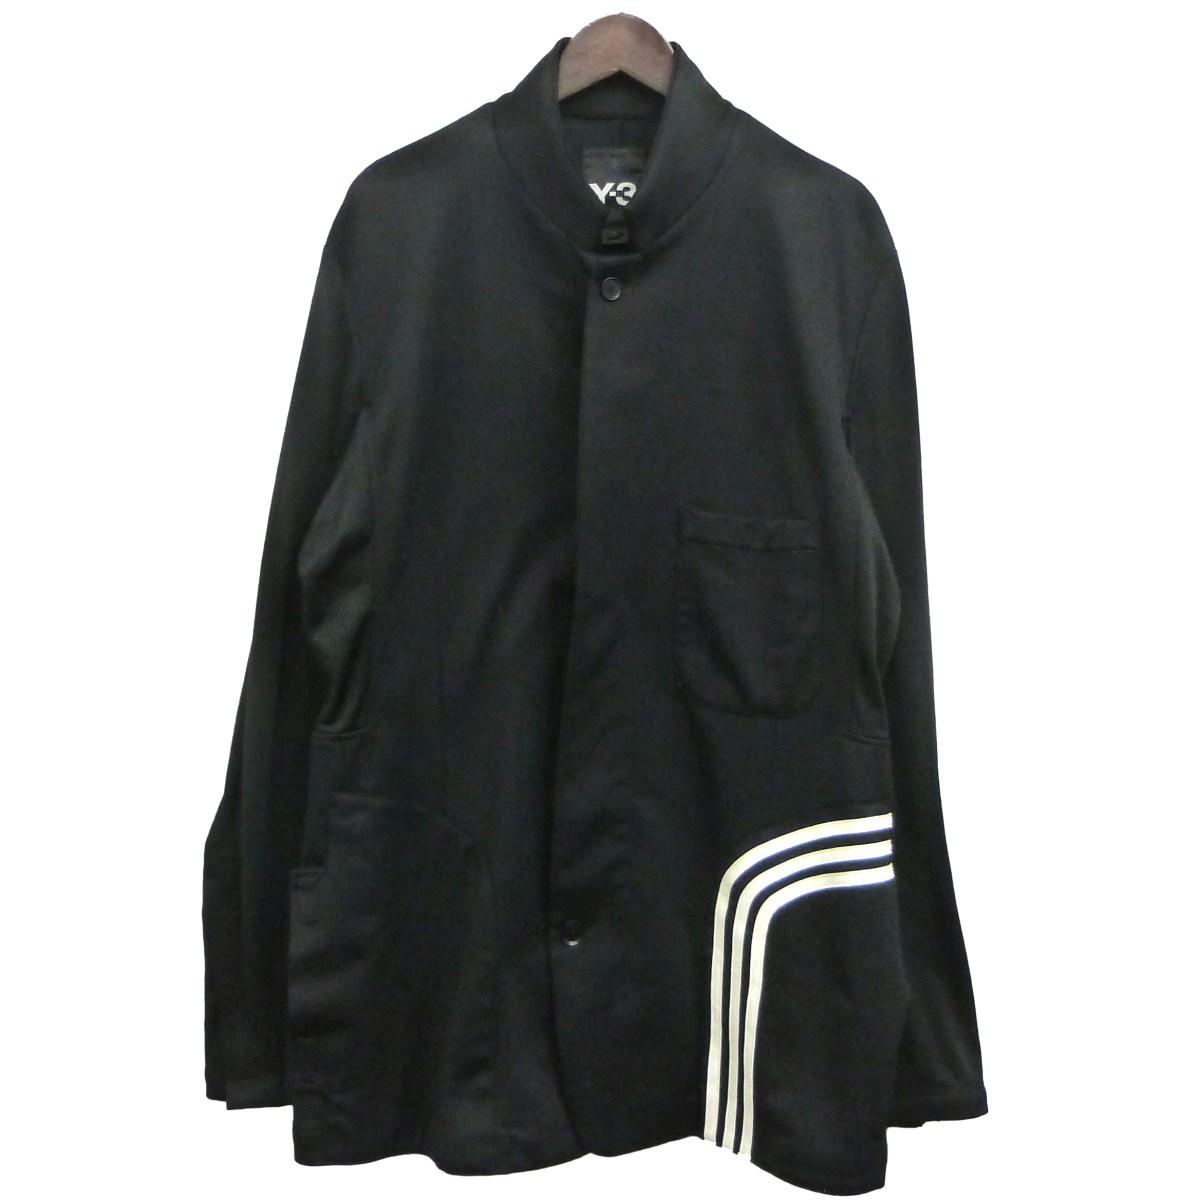 【中古】Y-3 「Fluid Blazer Jacket」ジャケット ブラック サイズ:M 【120520】(ワイスリー)